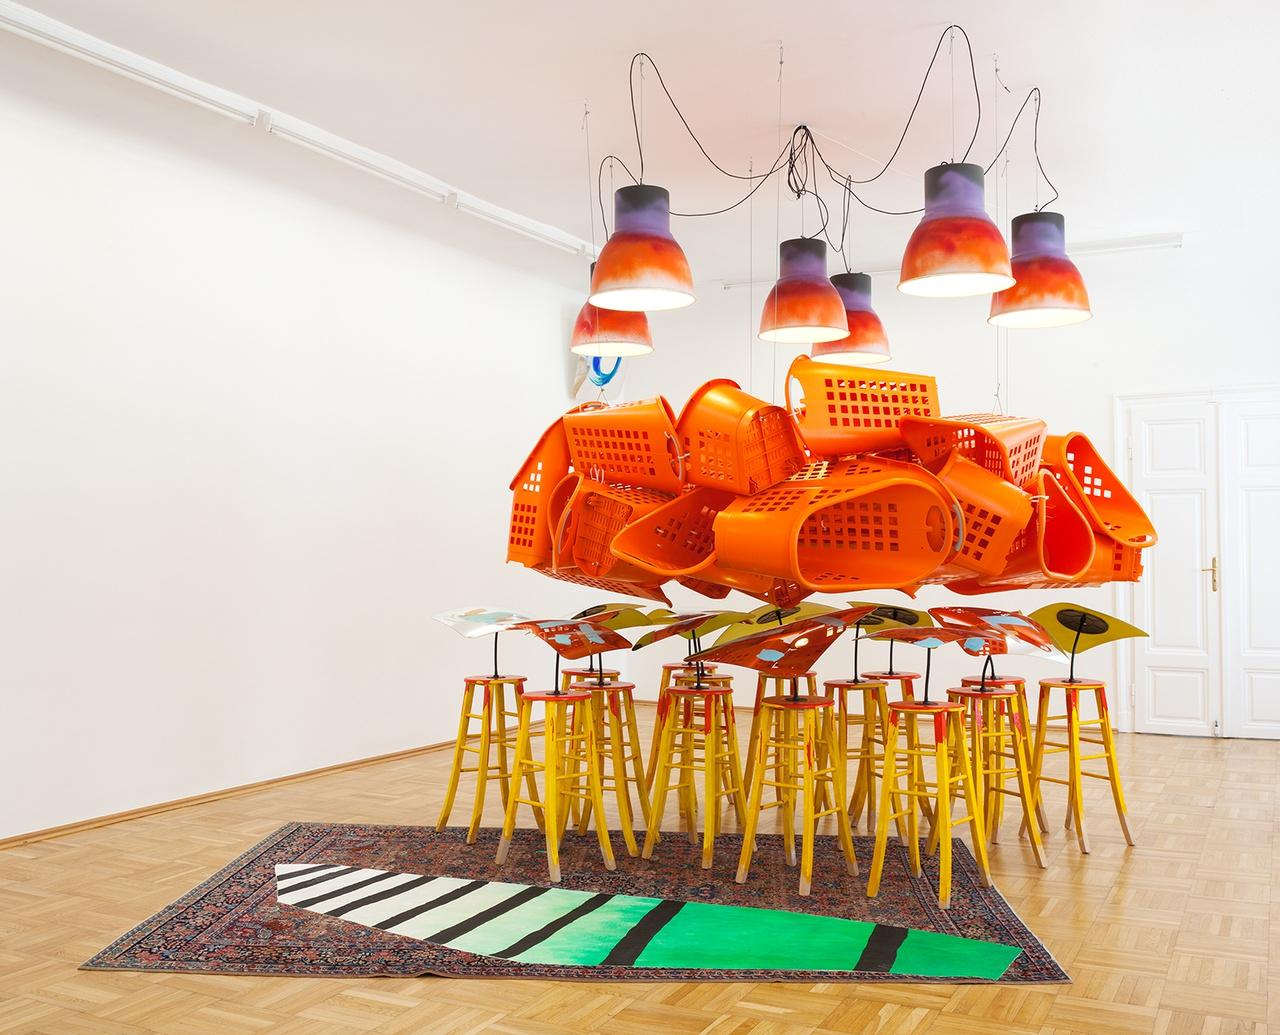 Een felgekleurde kunstinstallatie met oranje mandjes, lampen en krukken